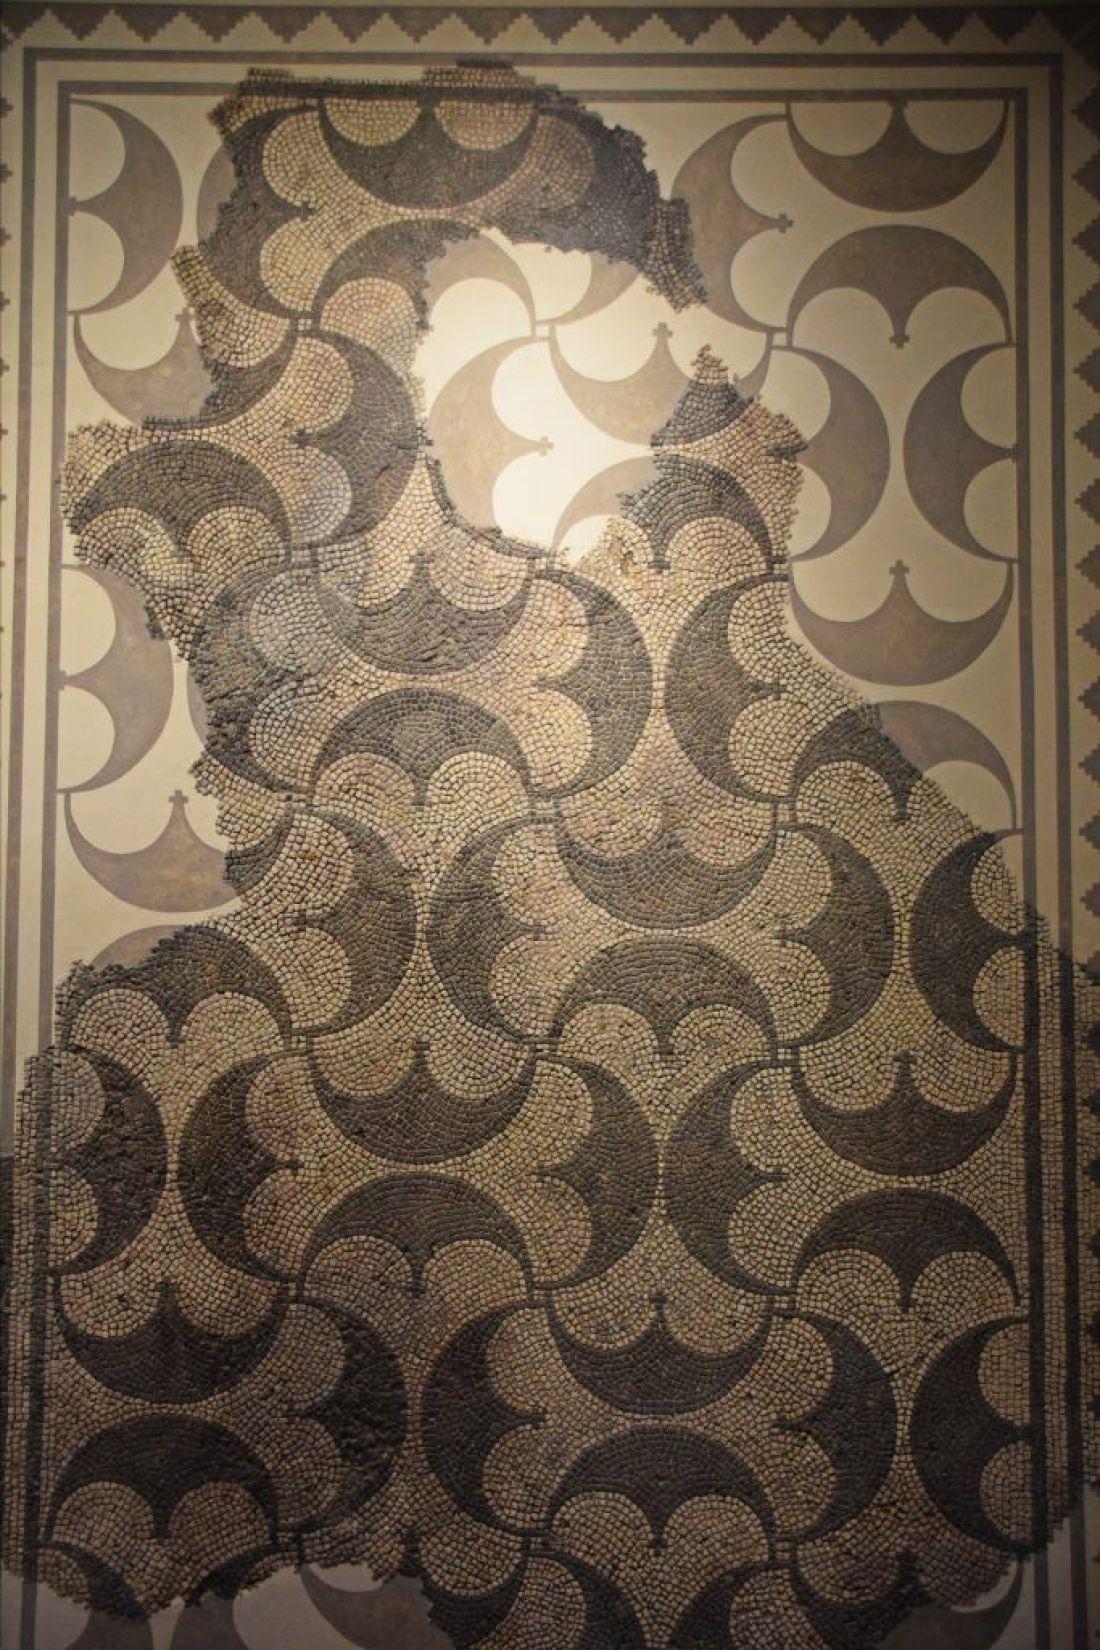 Pelta design mosaic, Augusta Raurica, Switzerland